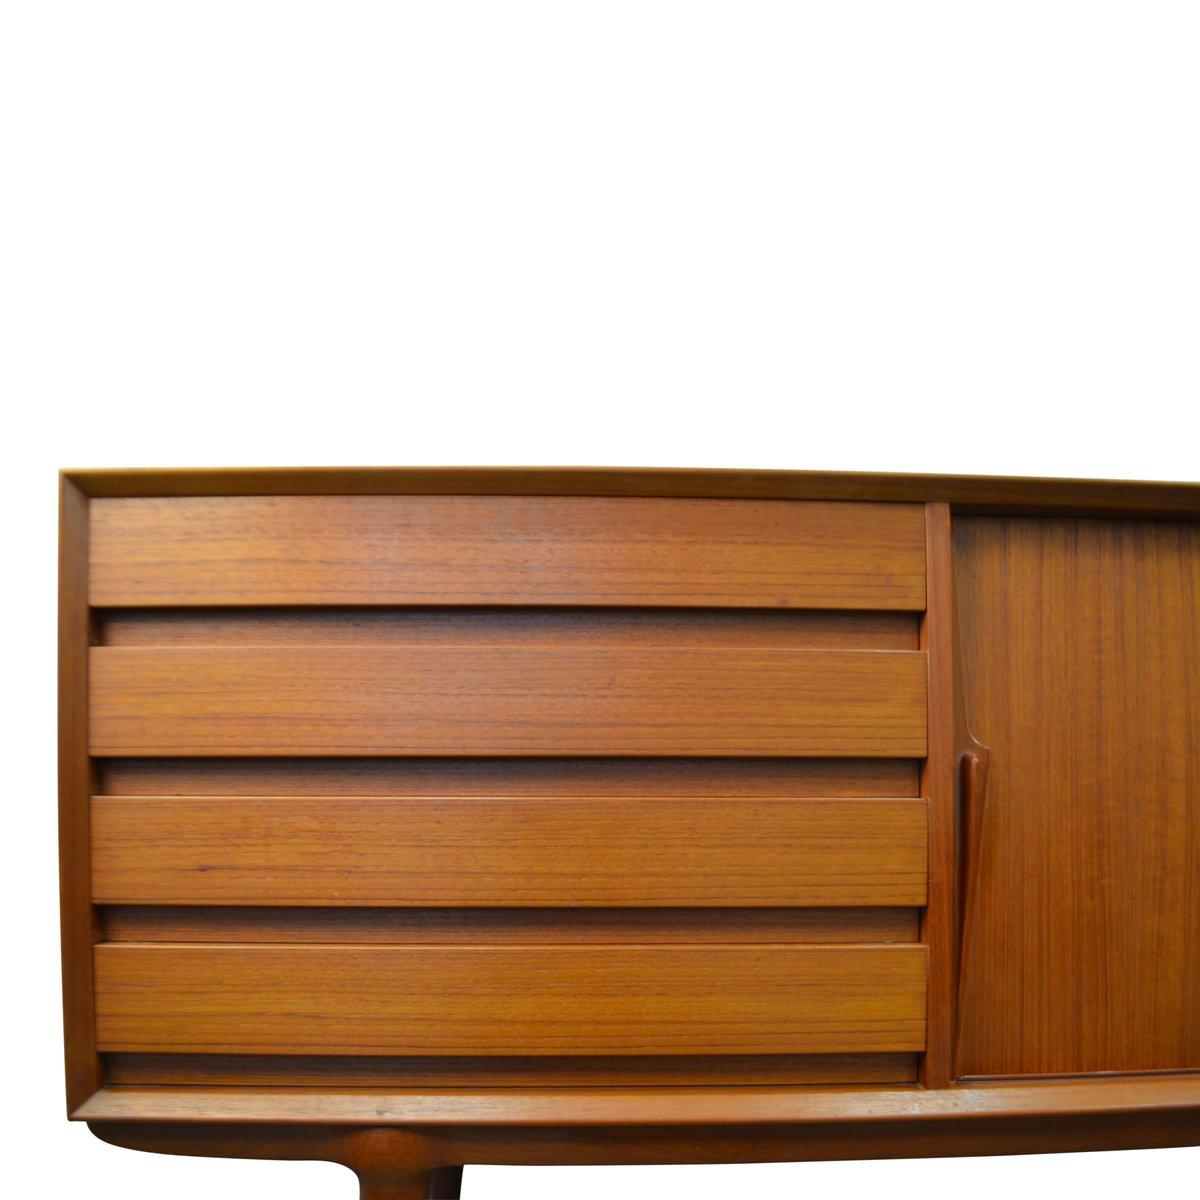 D nisches mid century modell 18 teak sideboard von omann for Sideboard 4 meter lang